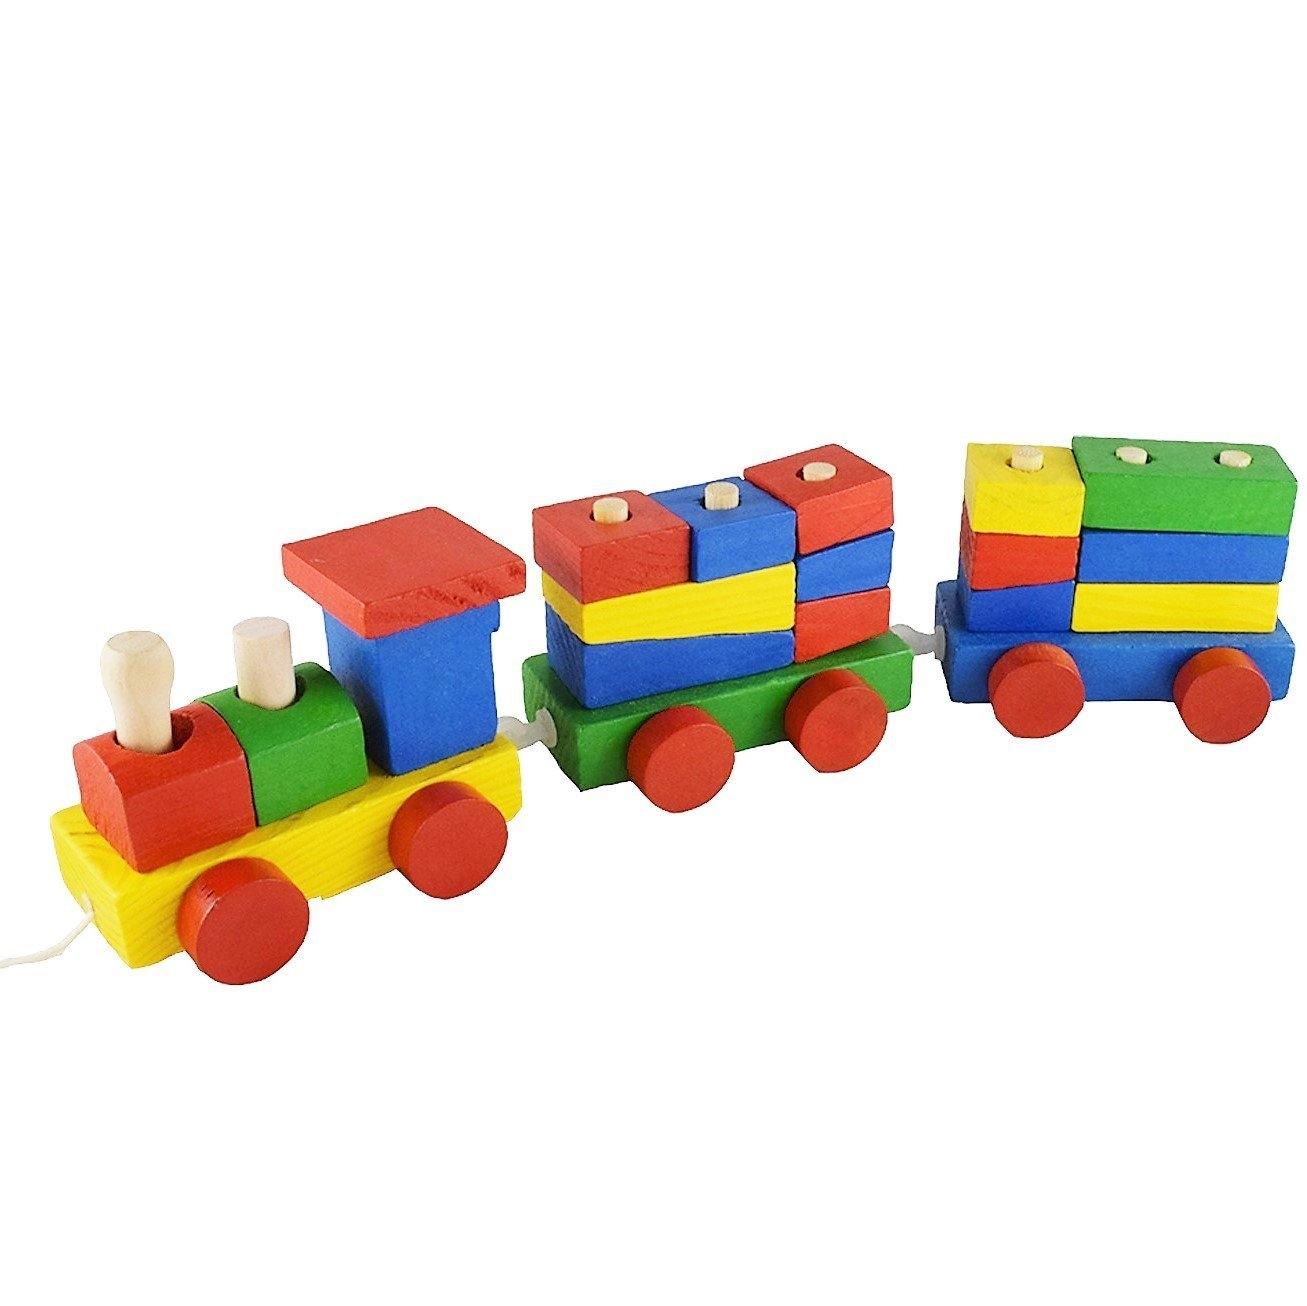 Trenulet Din Lemn Cu Forme Geometrice 15 Piese